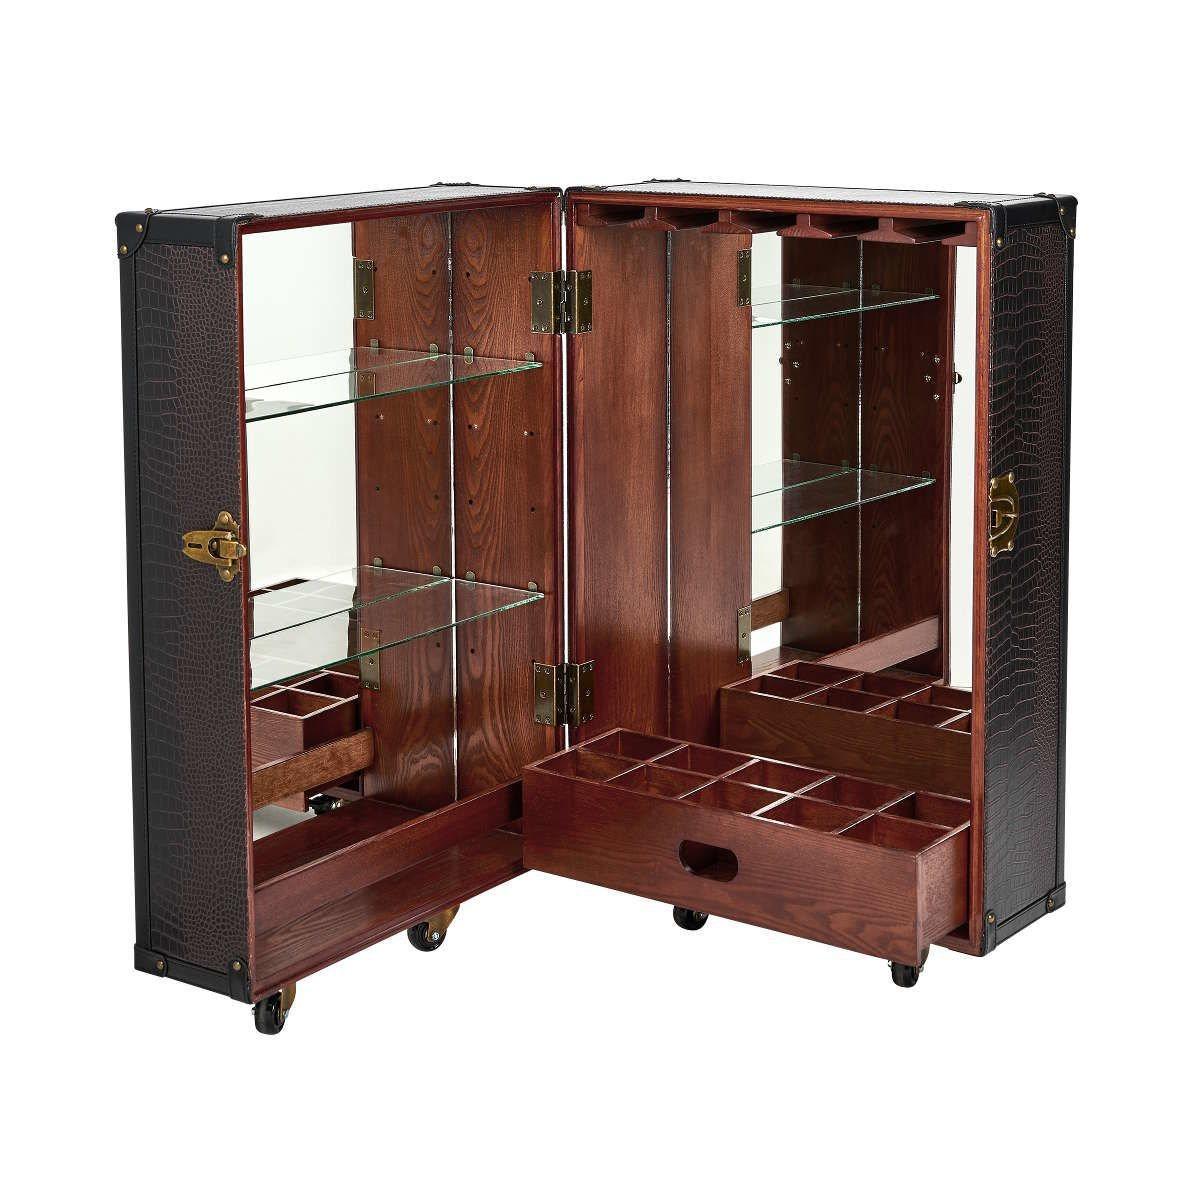 Barschränke online kaufen | Möbel-Suchmaschine | ladendirekt.de